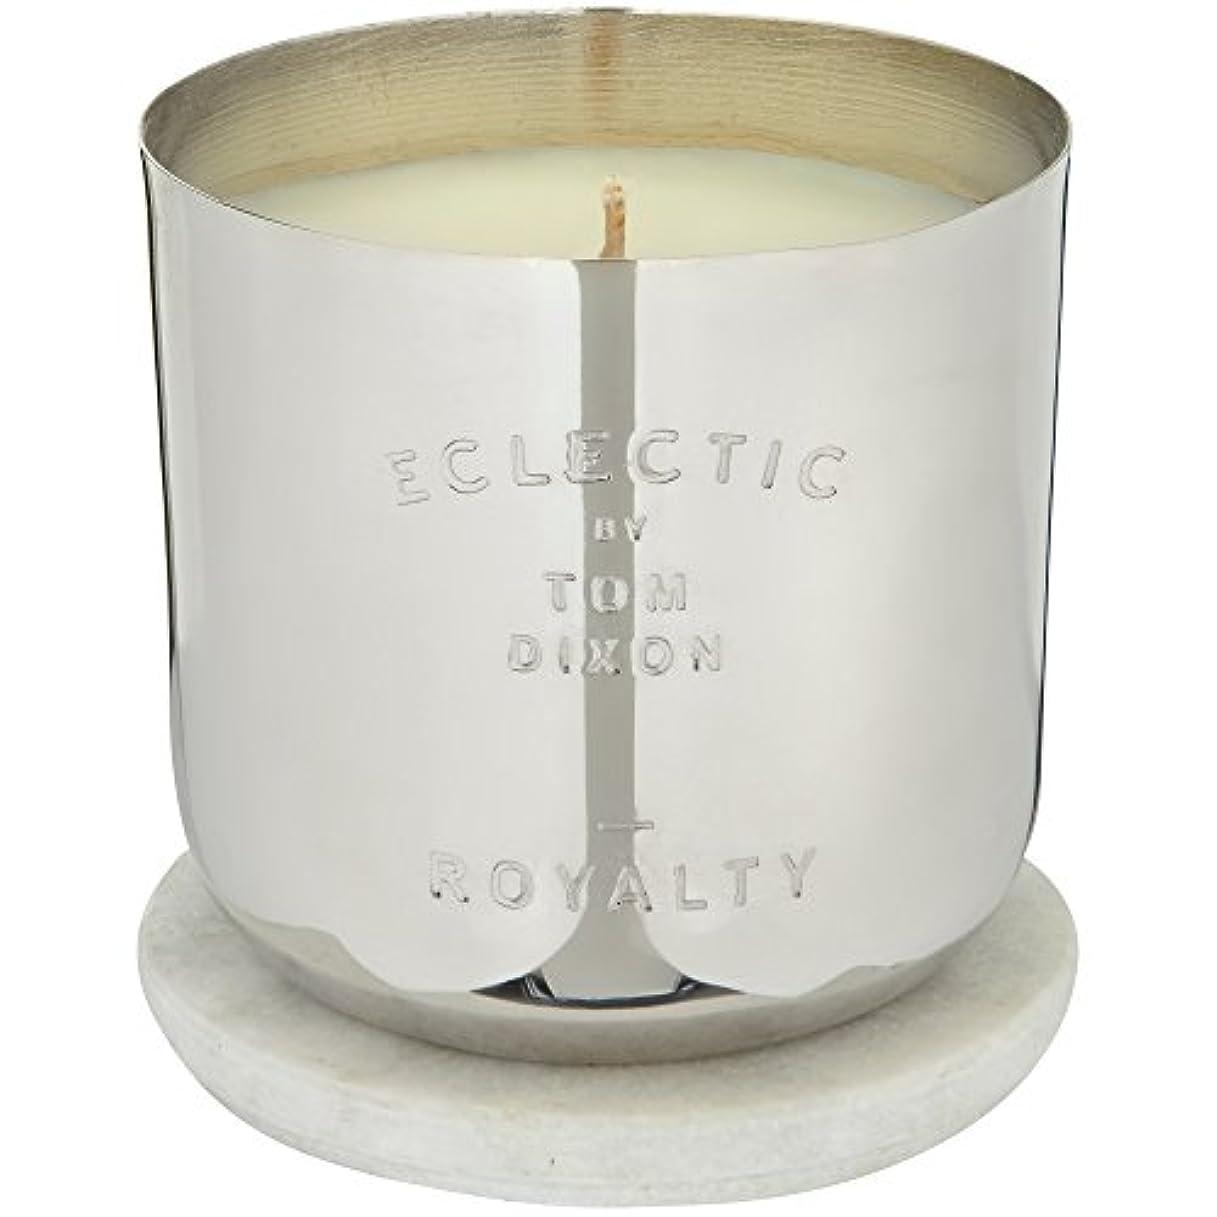 検索うめき味わうトム?ディクソンロイヤリティ香りのキャンドル x6 - Tom Dixon Royalty Scented Candle (Pack of 6) [並行輸入品]